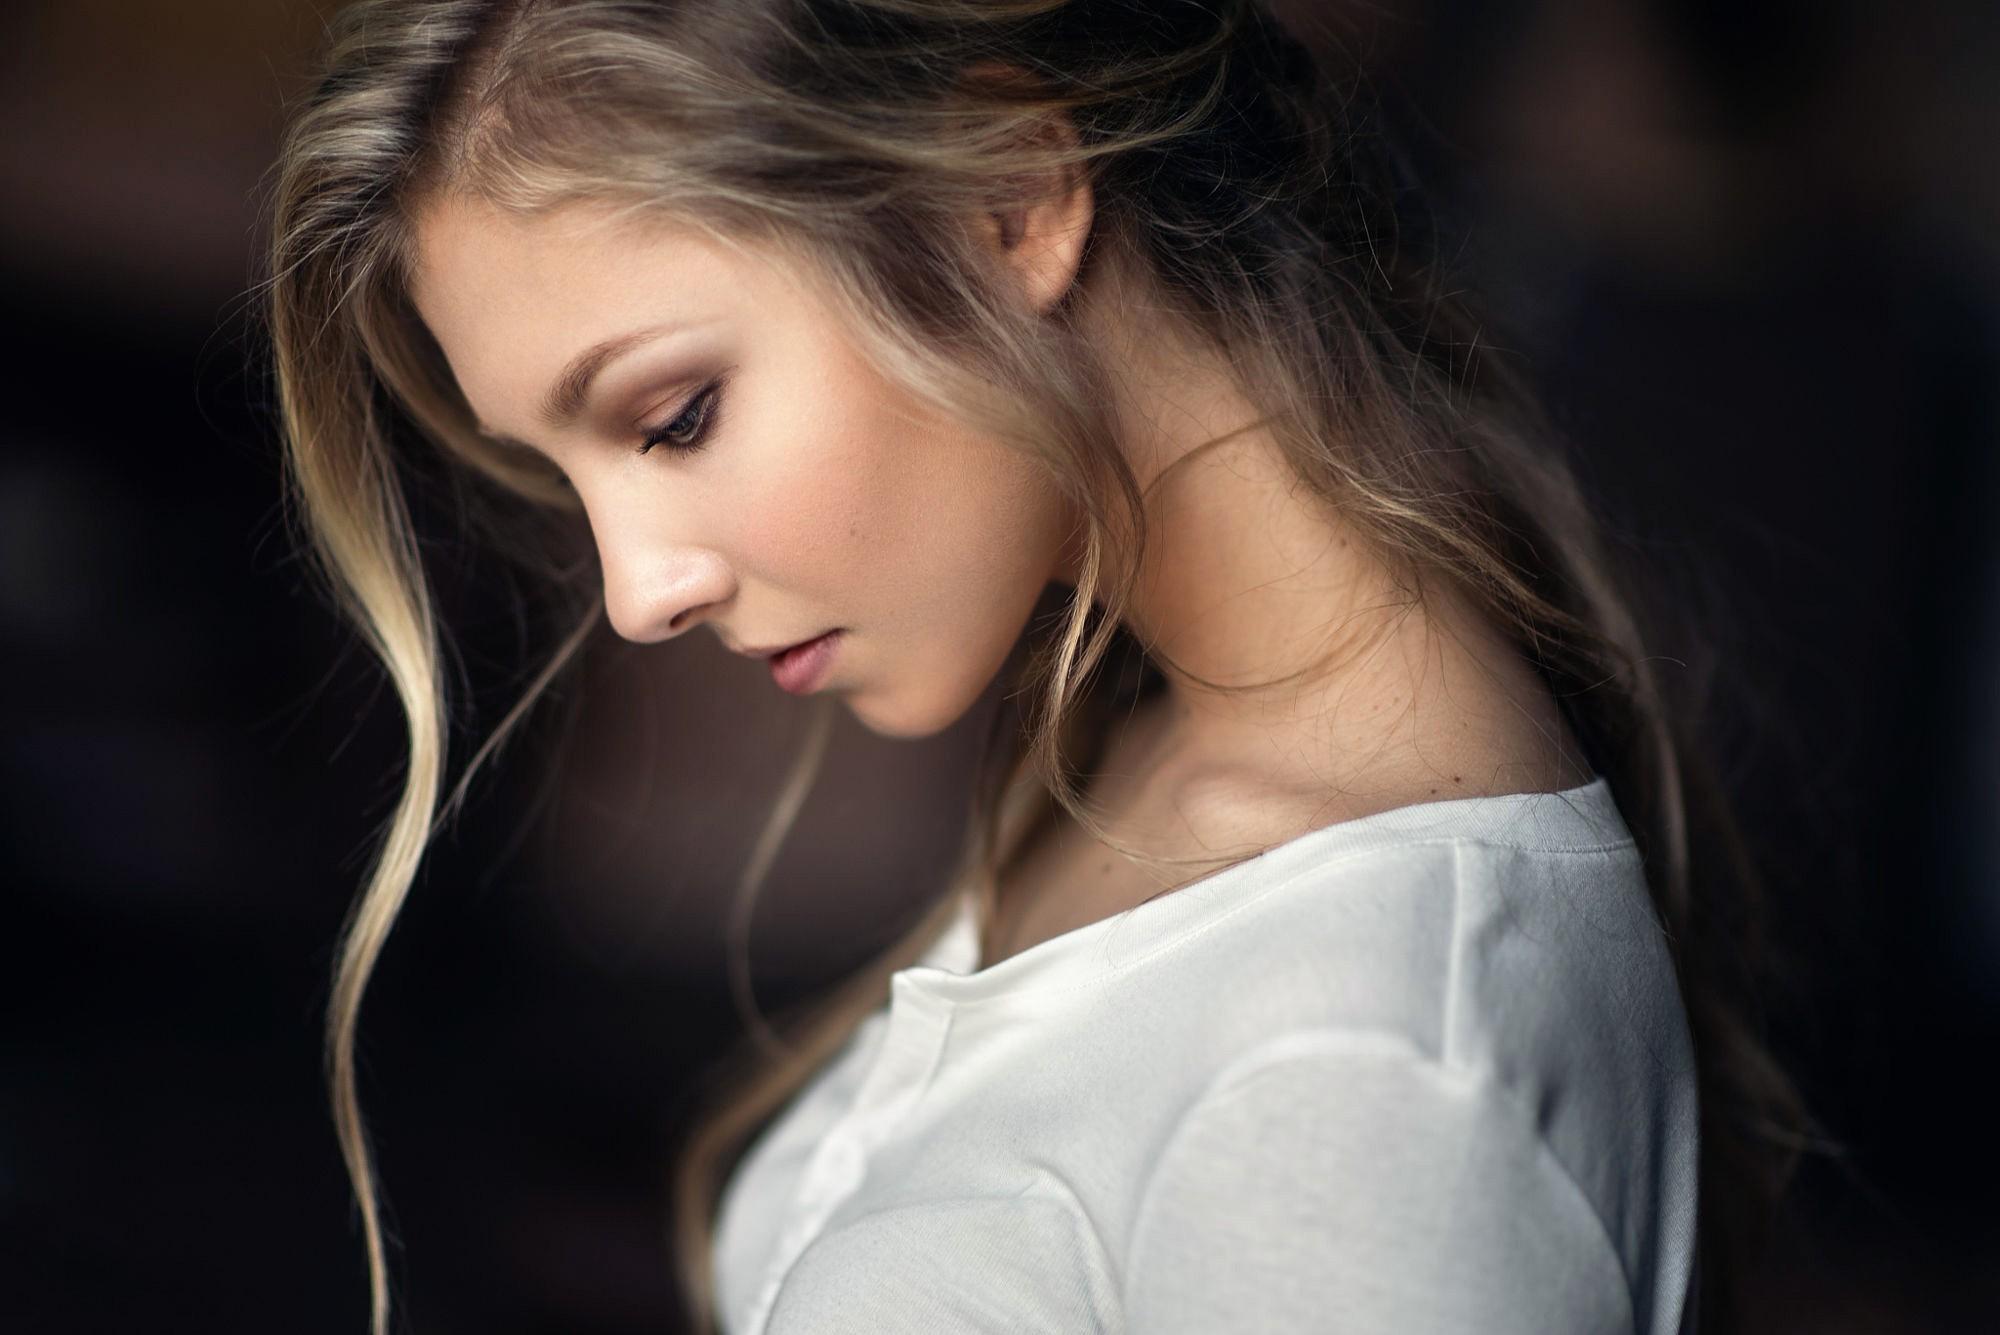 sfondi viso donne capelli lunghi profilo cantante moda alice tarasenko emozione persona pelle top model ragazza bellezza sorriso occhio